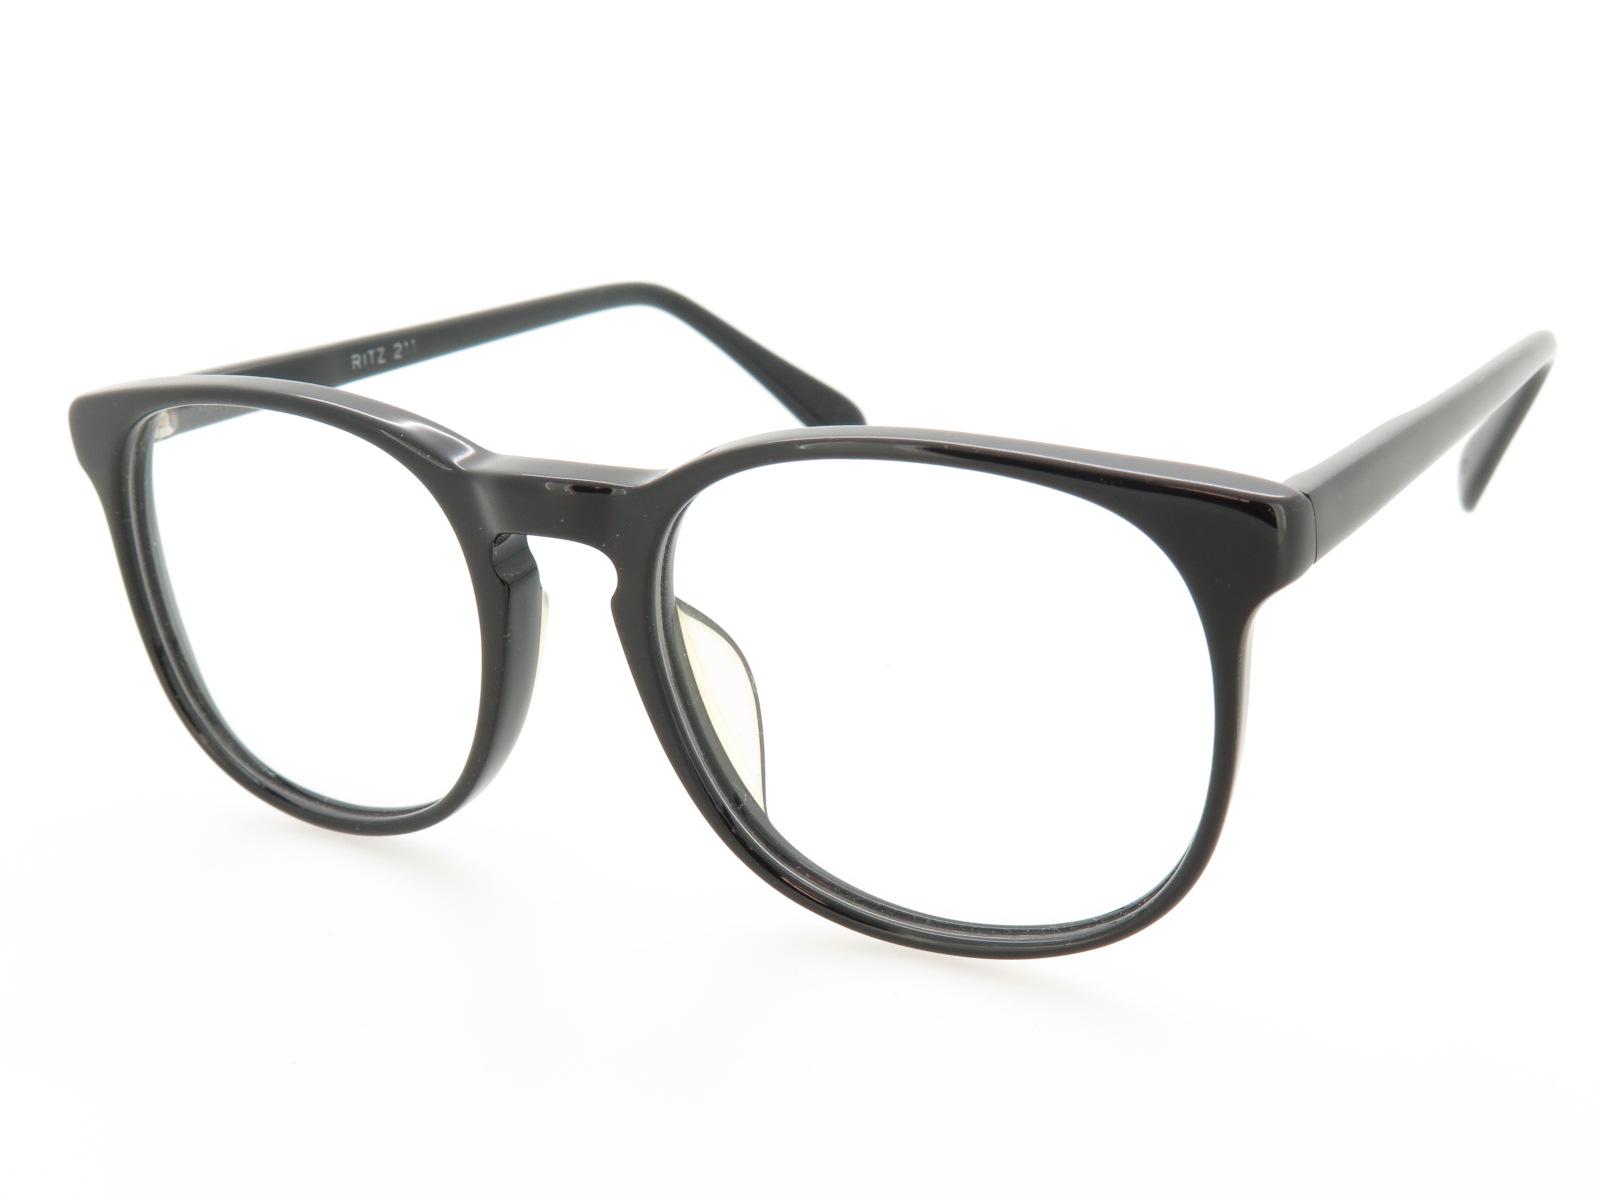 超薄型レンズ付セット スクエア型 クラシック セルフレーム RITZ211 ブラック